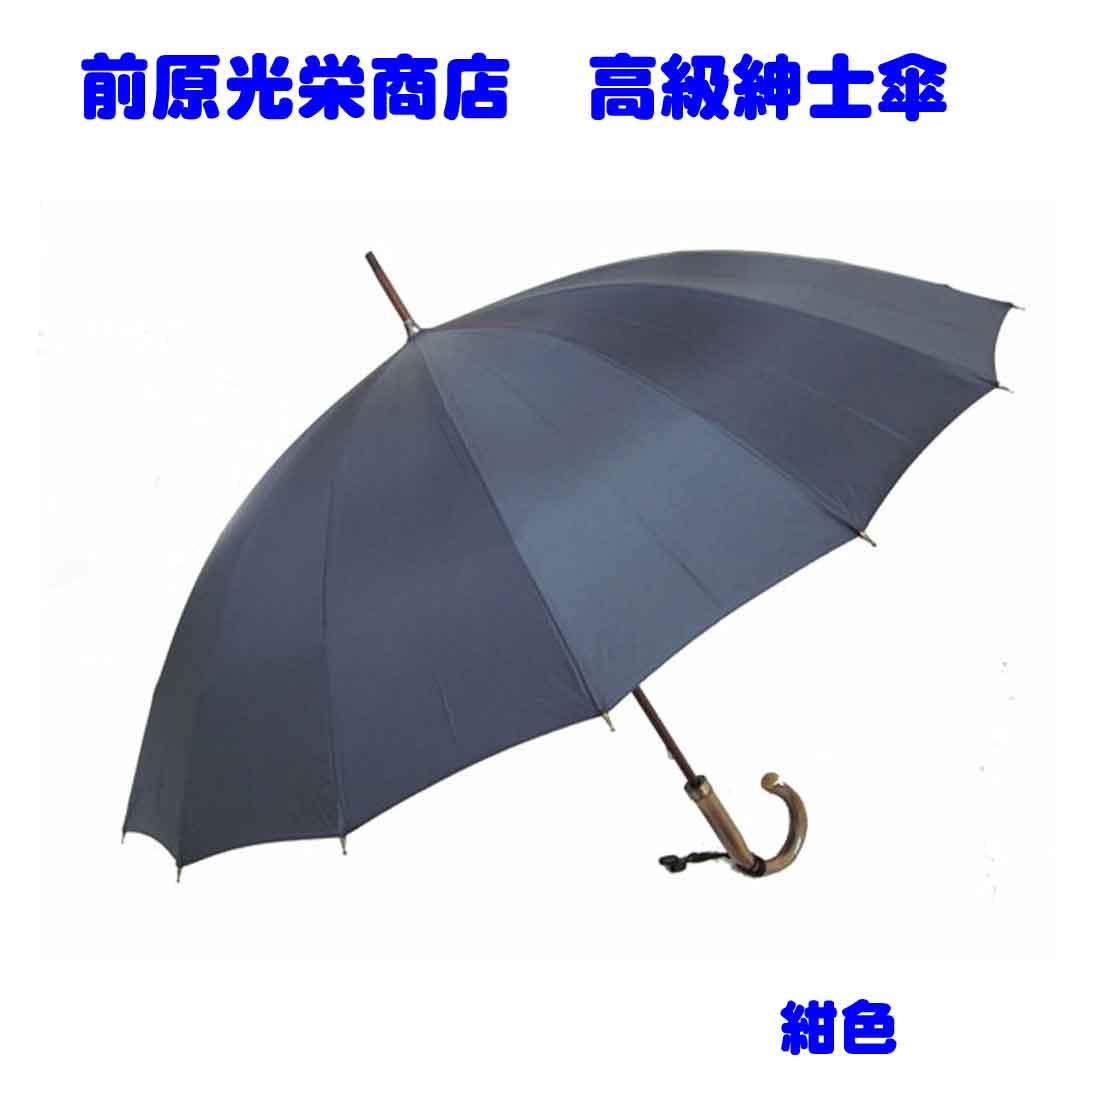 あす楽 傘 メンズ 皇室御用達 前原光榮商店 紺 紳士用傘 高級 洗練 職人の技 雨の日 紳士がさ 送料無料